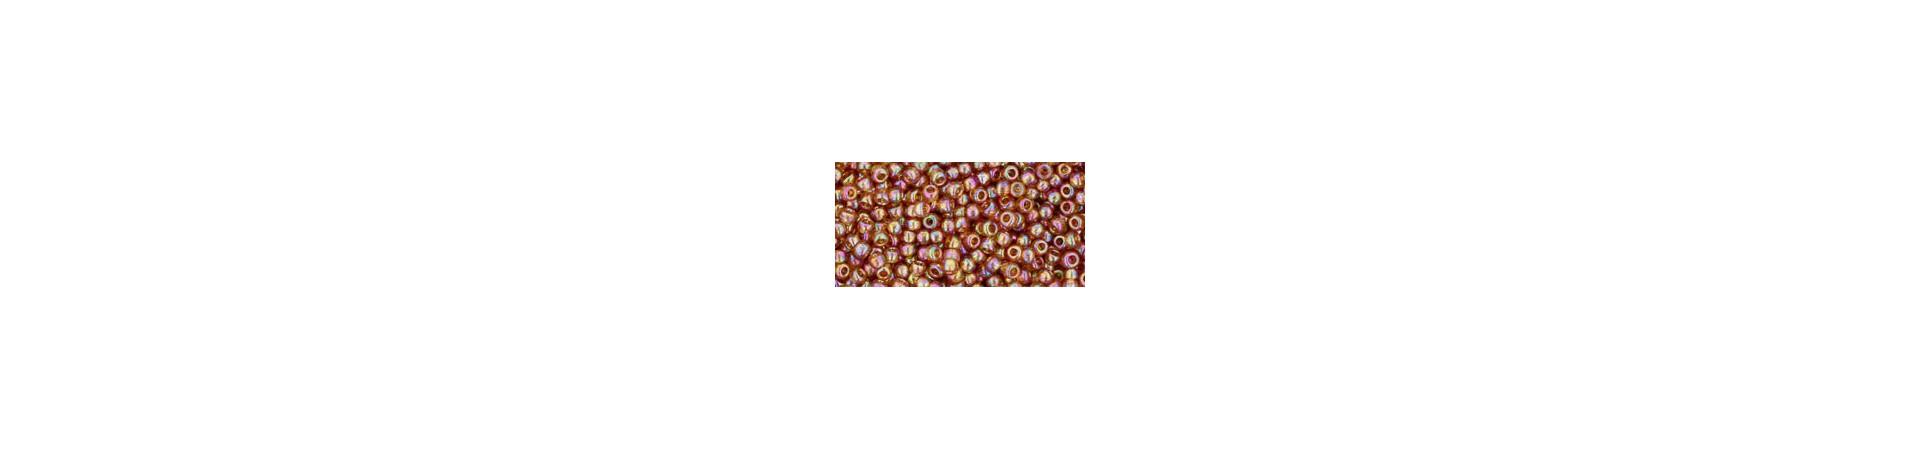 Ümmargused (2.2mm) seemnehelmeid 11/0